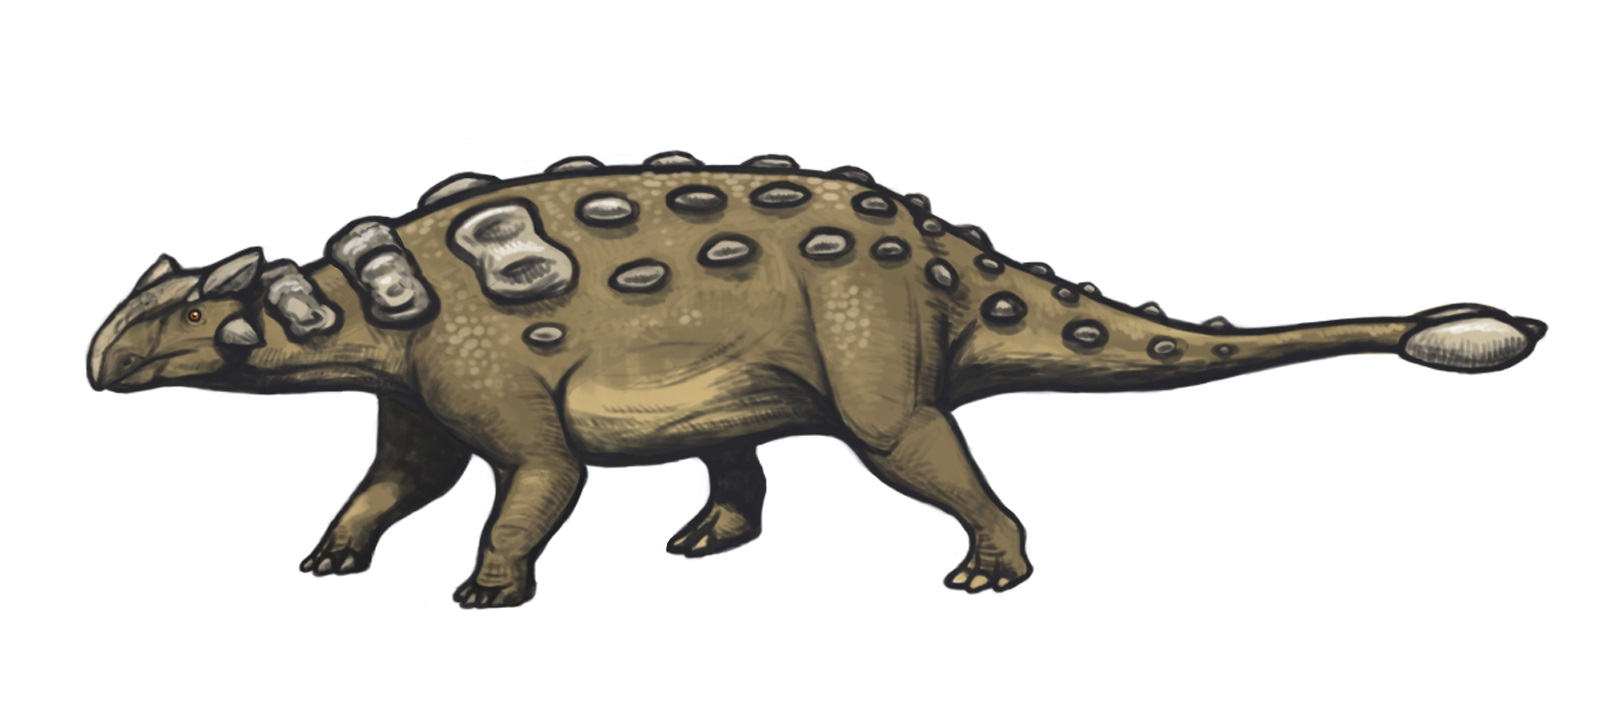 Rekonstrukce vzezření druhu Ankylosaurus magniventris. Nová studie dokládá, že největší exempláře byly podstatně větší, než se v posledních dvou desetiletích předpokládalo. Délka tohoto dinosaura totiž mohla dosahovat asi 8 až 9 metrů a hmotnost čini